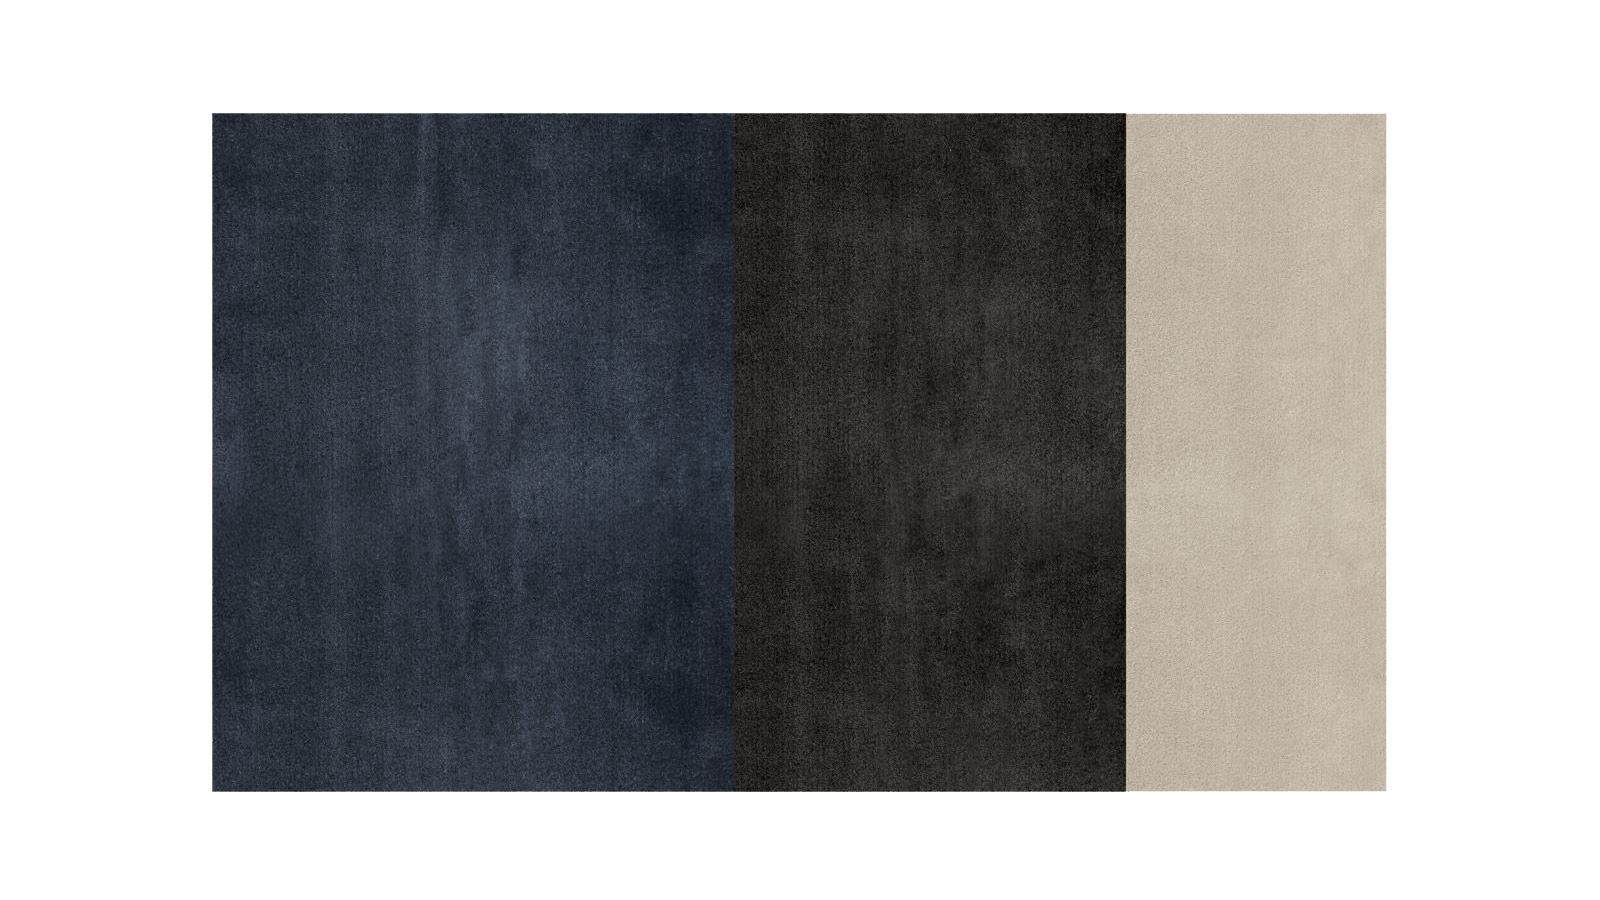 Kontrasztokon alapuló színkombinációk, vízszintes csíkozás és nagy, egyszínű felületek: a Dibbets Flag szőnyegek tökéletesen kiegészítik a letisztult, elegáns belső tereket, egyfajta modern hátteret biztosítva a minimalista bútorok számára.